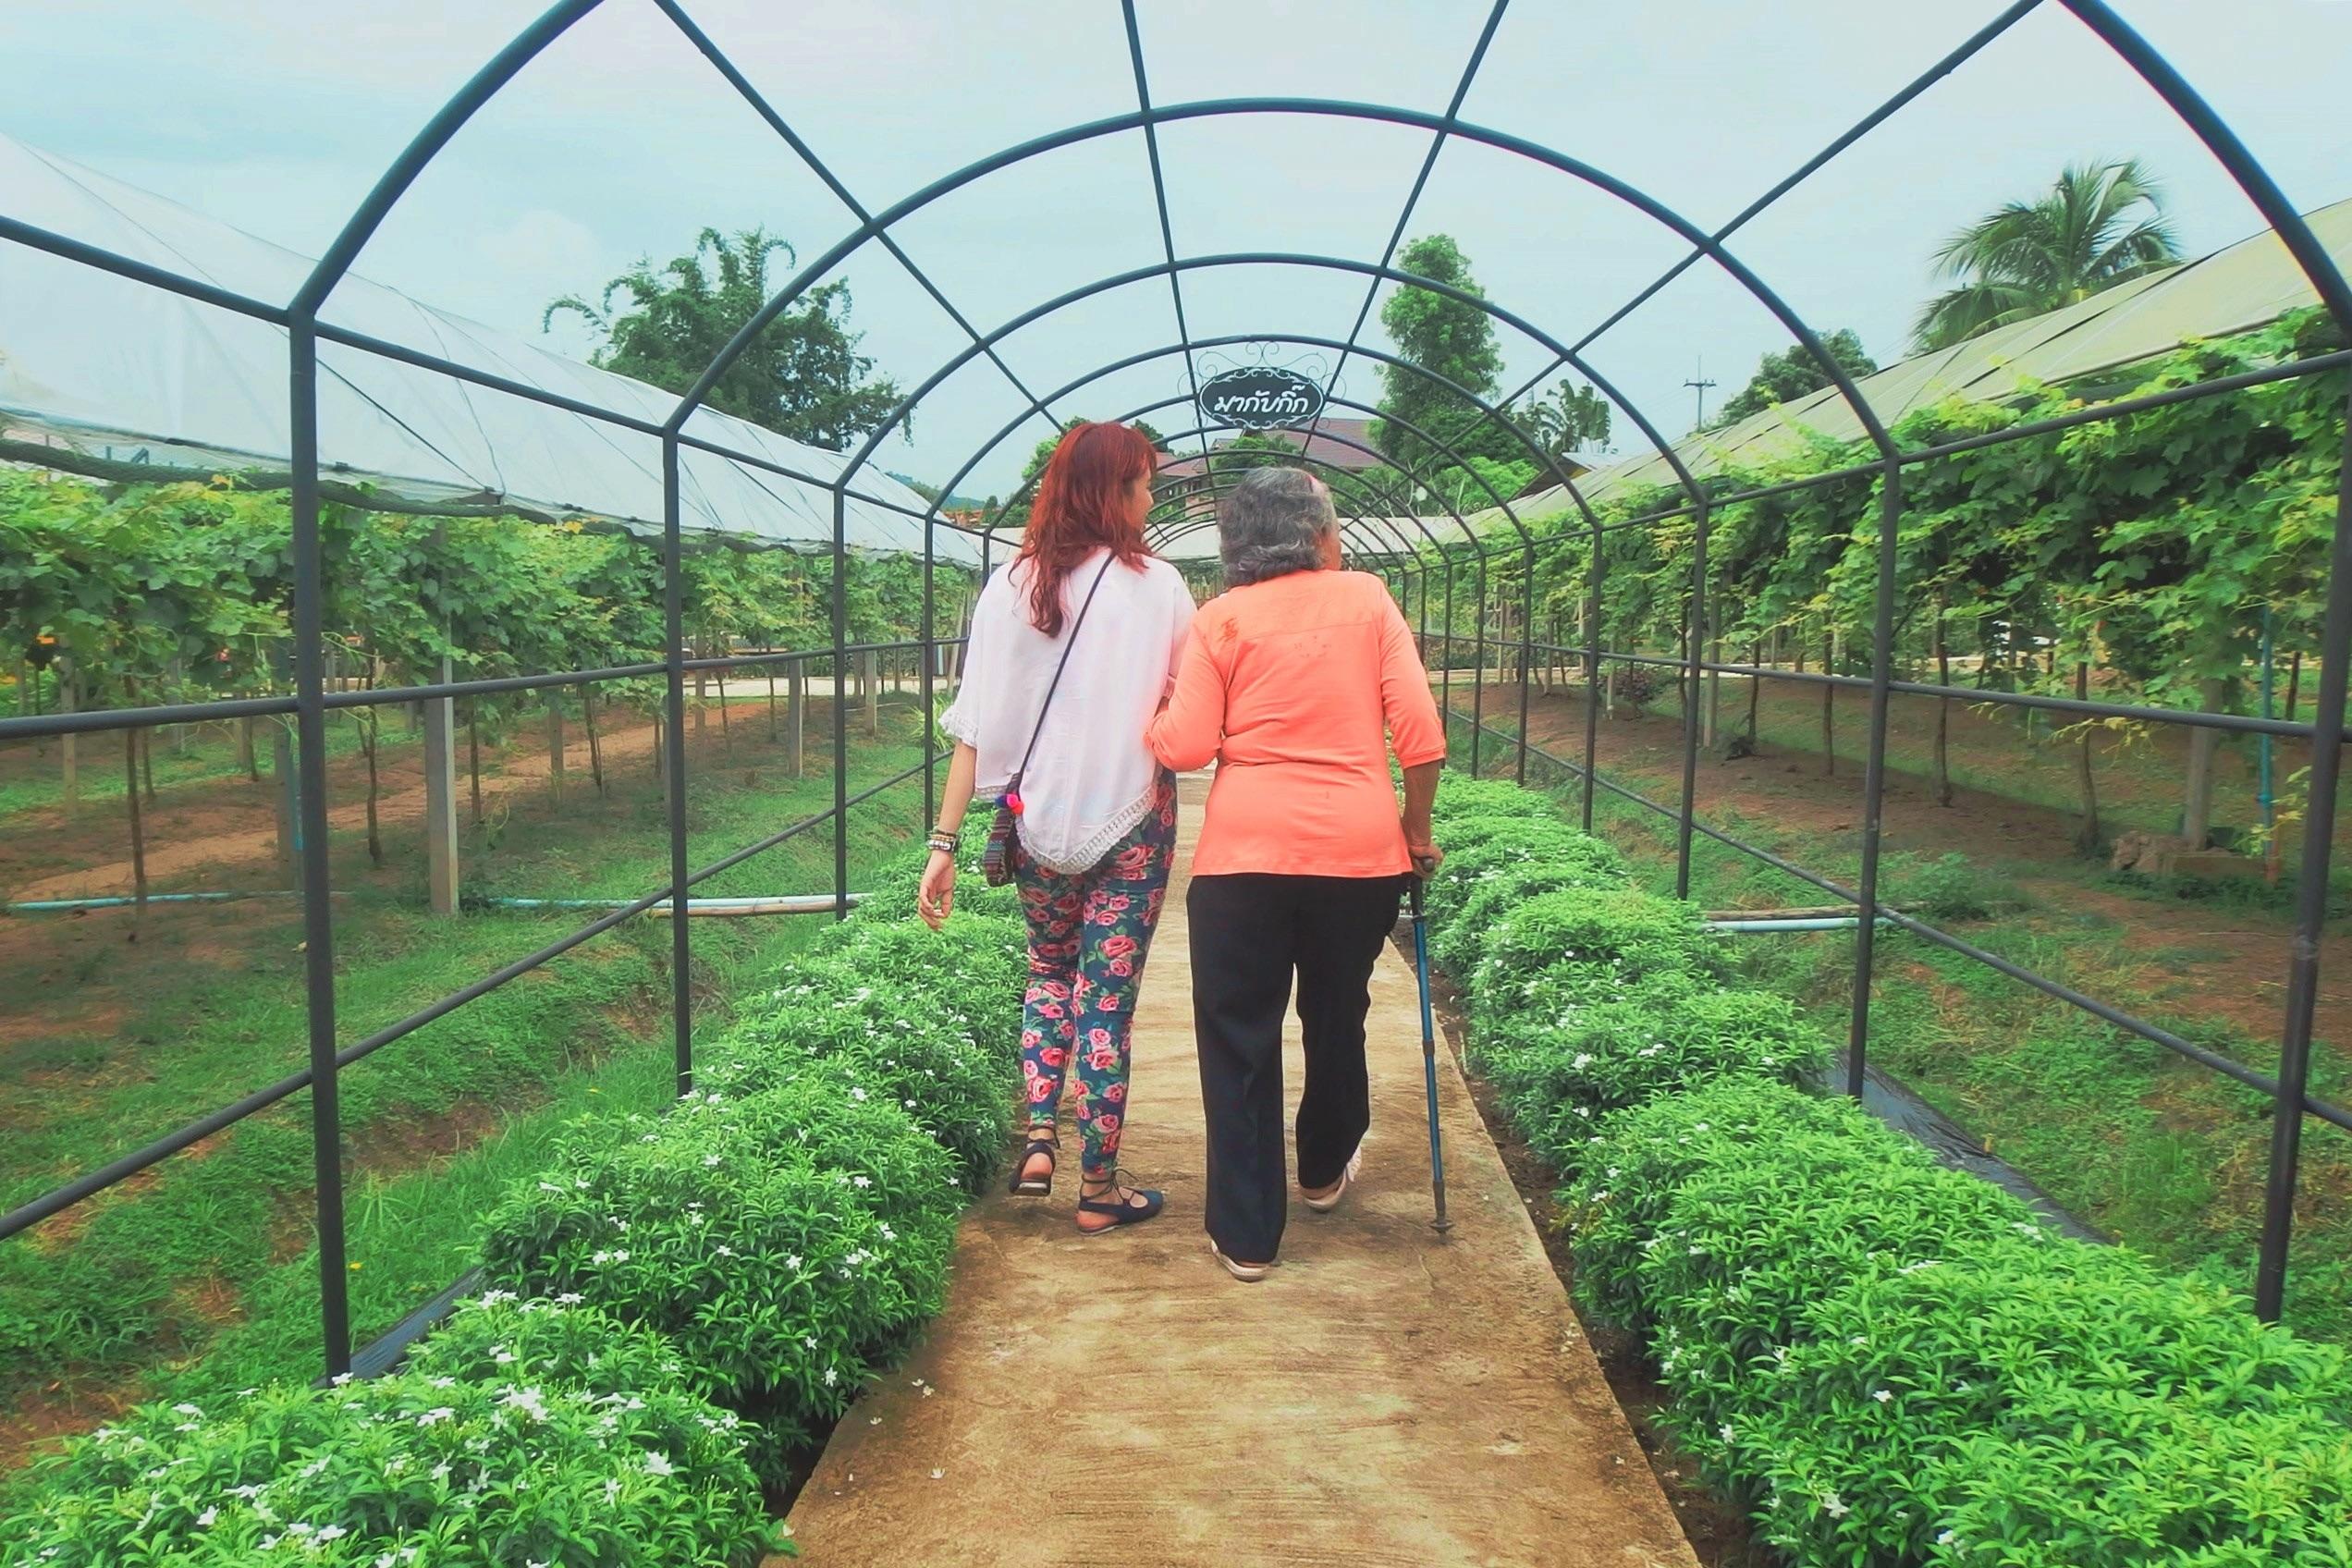 Fotos gratis : campo, granja, flor, herramienta, suelo, agricultura ...